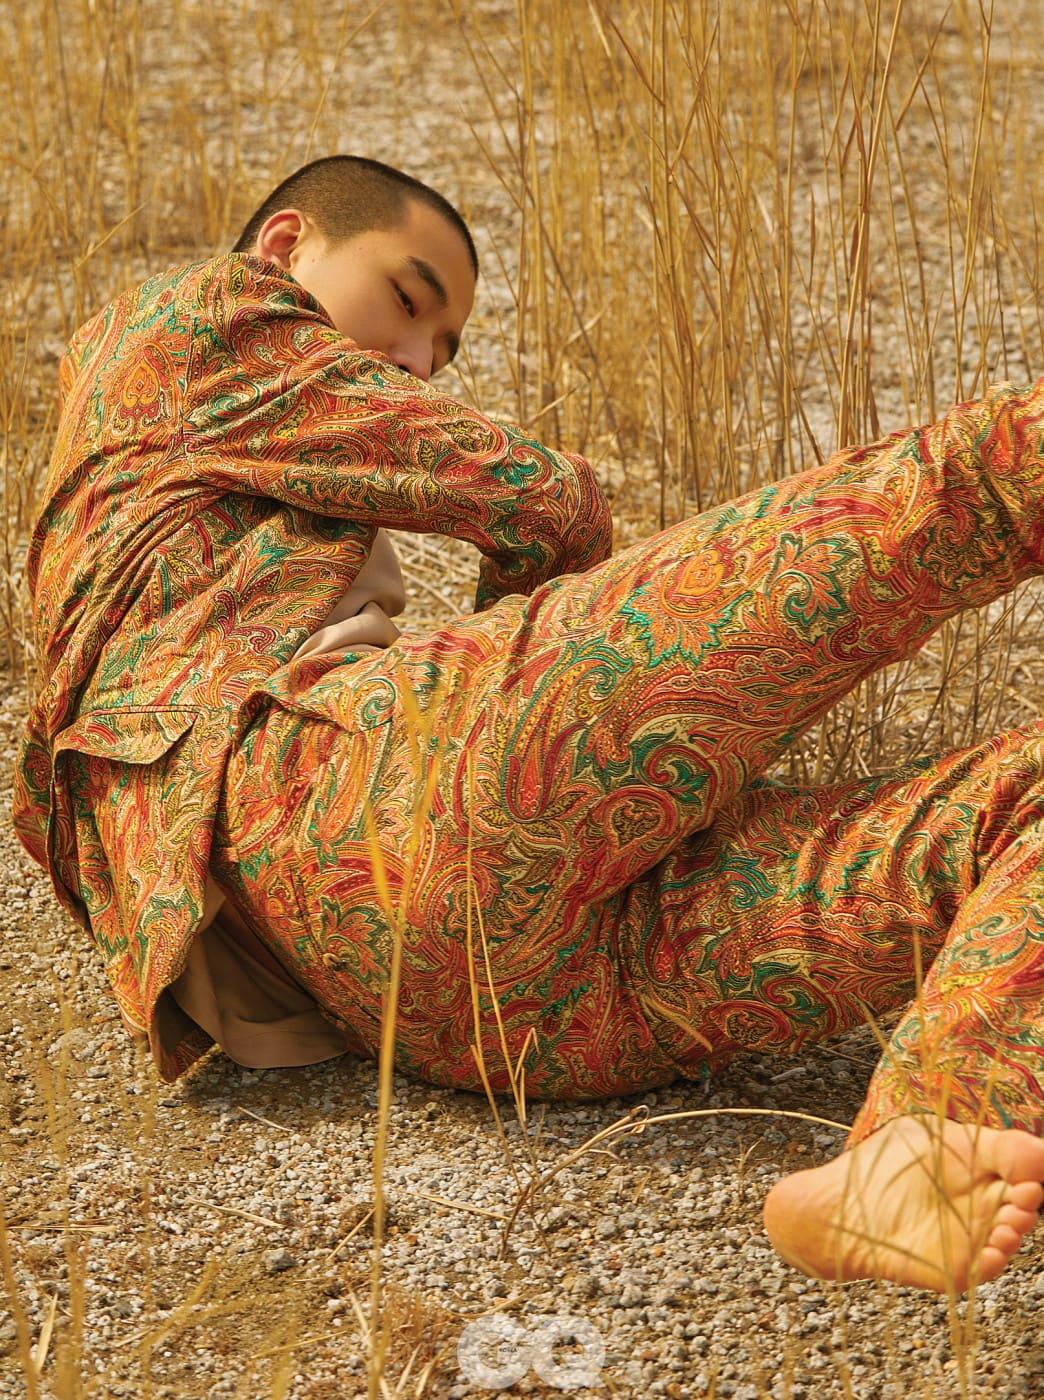 페이즐리 재킷 1백70만원, 팬츠 70만원, 모두 에트로. 슬리브리스 톱 29만8천원, 김서룡 옴므.